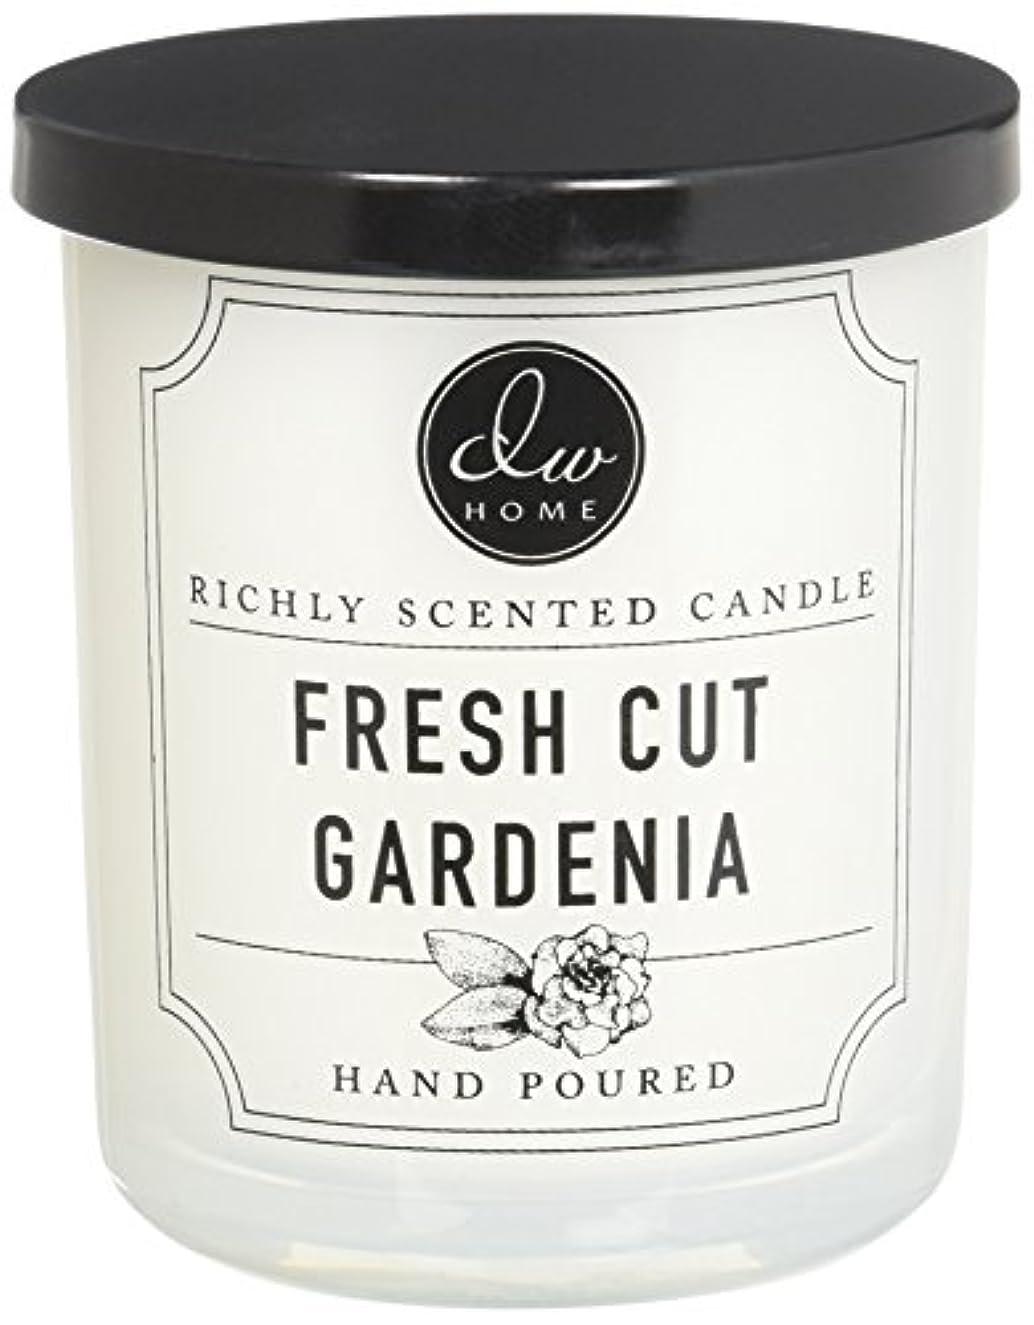 破壊的なしばしばロケットDWホームFresh Cut Gardenia豊かな香りCandle Small Single Wick 4オンス